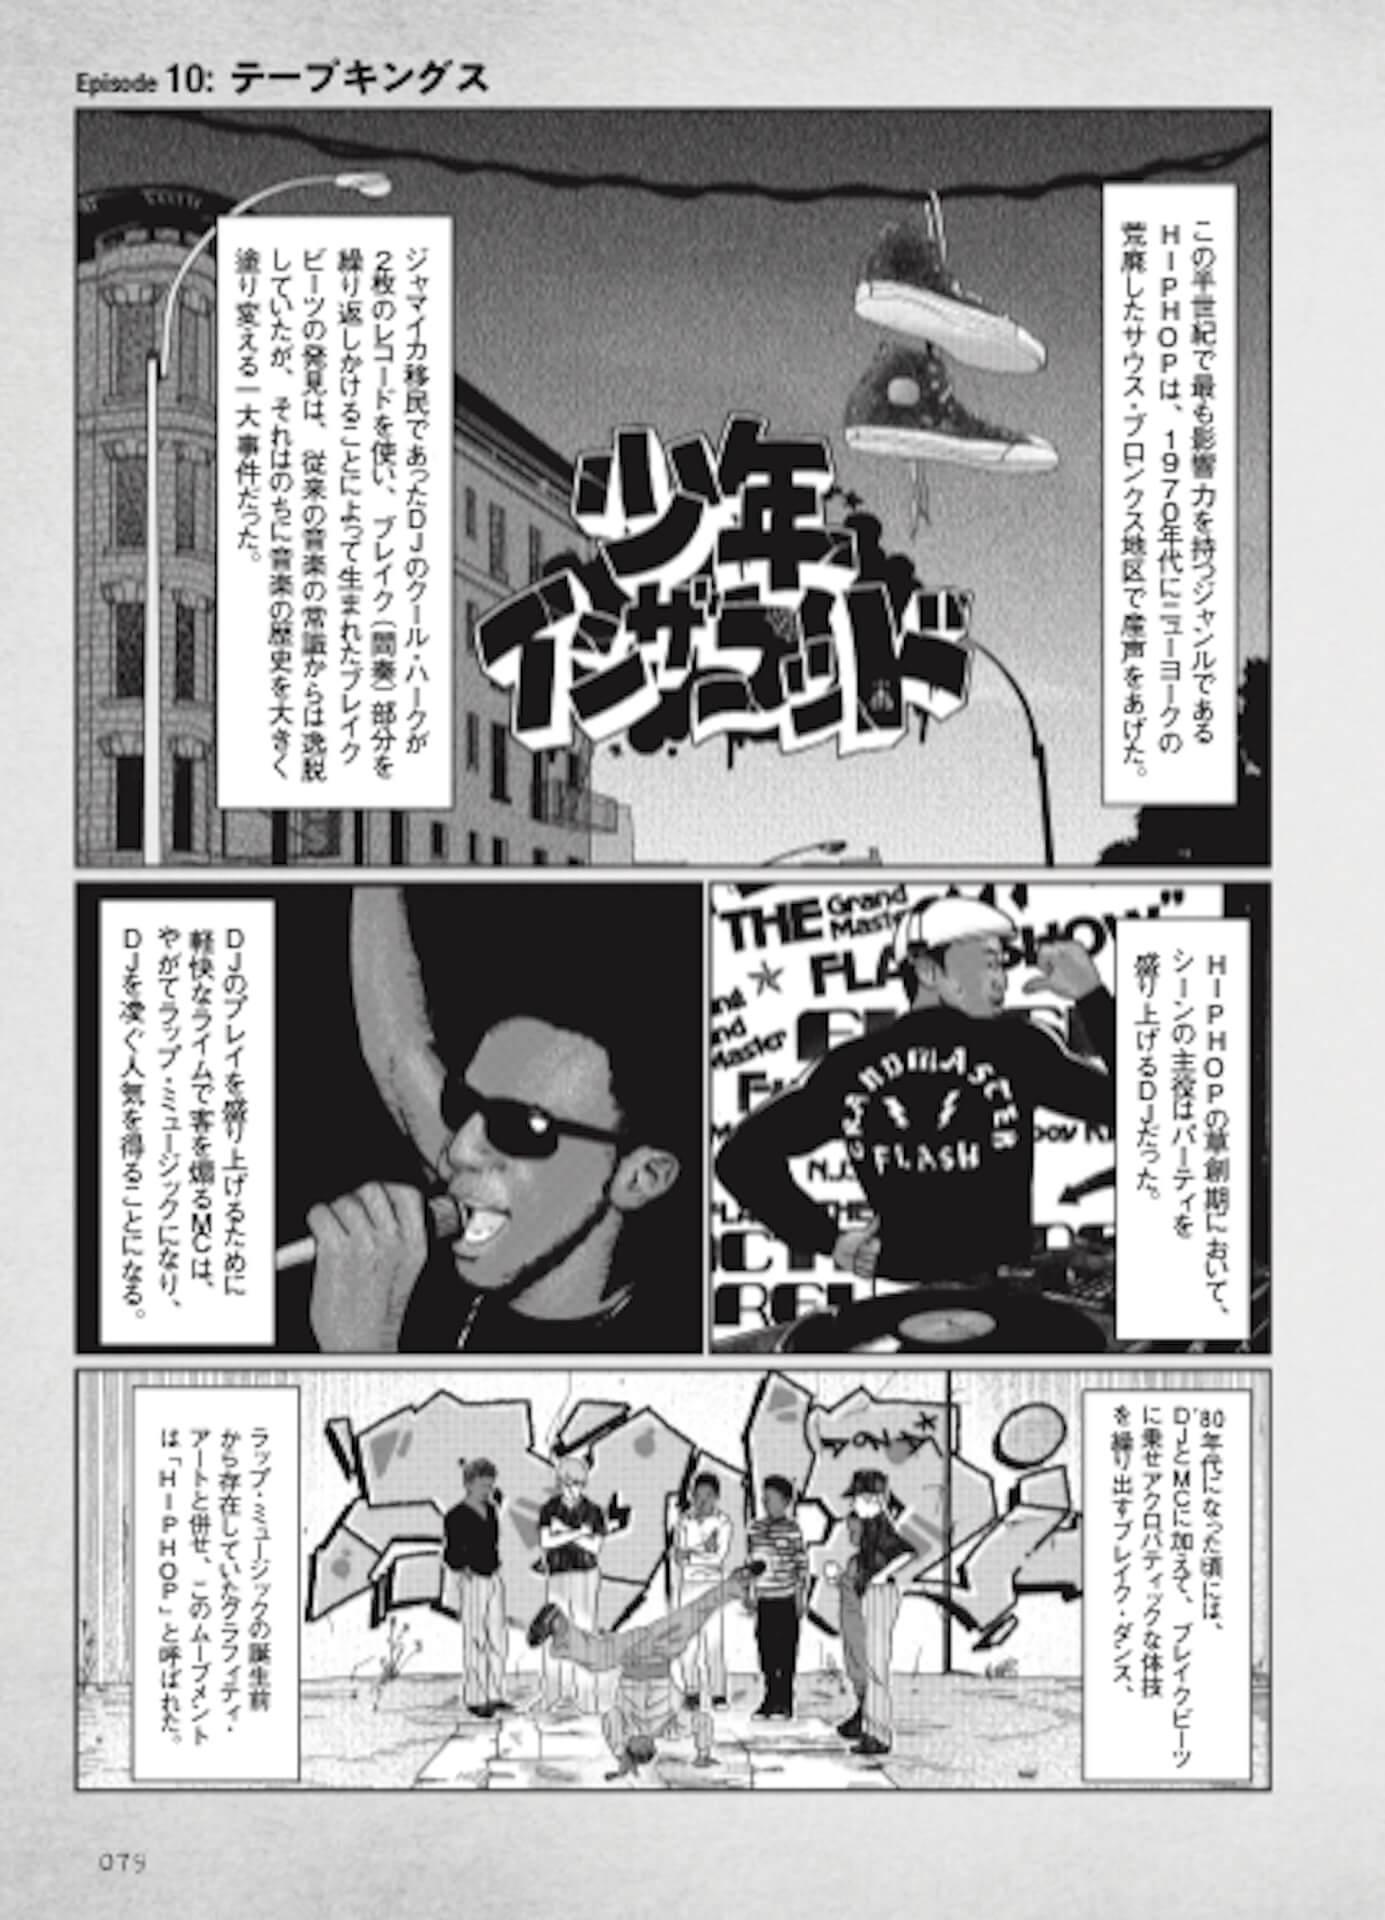 漫画『少年イン・ザ・フッド』単行本化インタビュー|Ghetto Hollywoodに影響を与えた作品たち interview200907_ghettohollywood_16